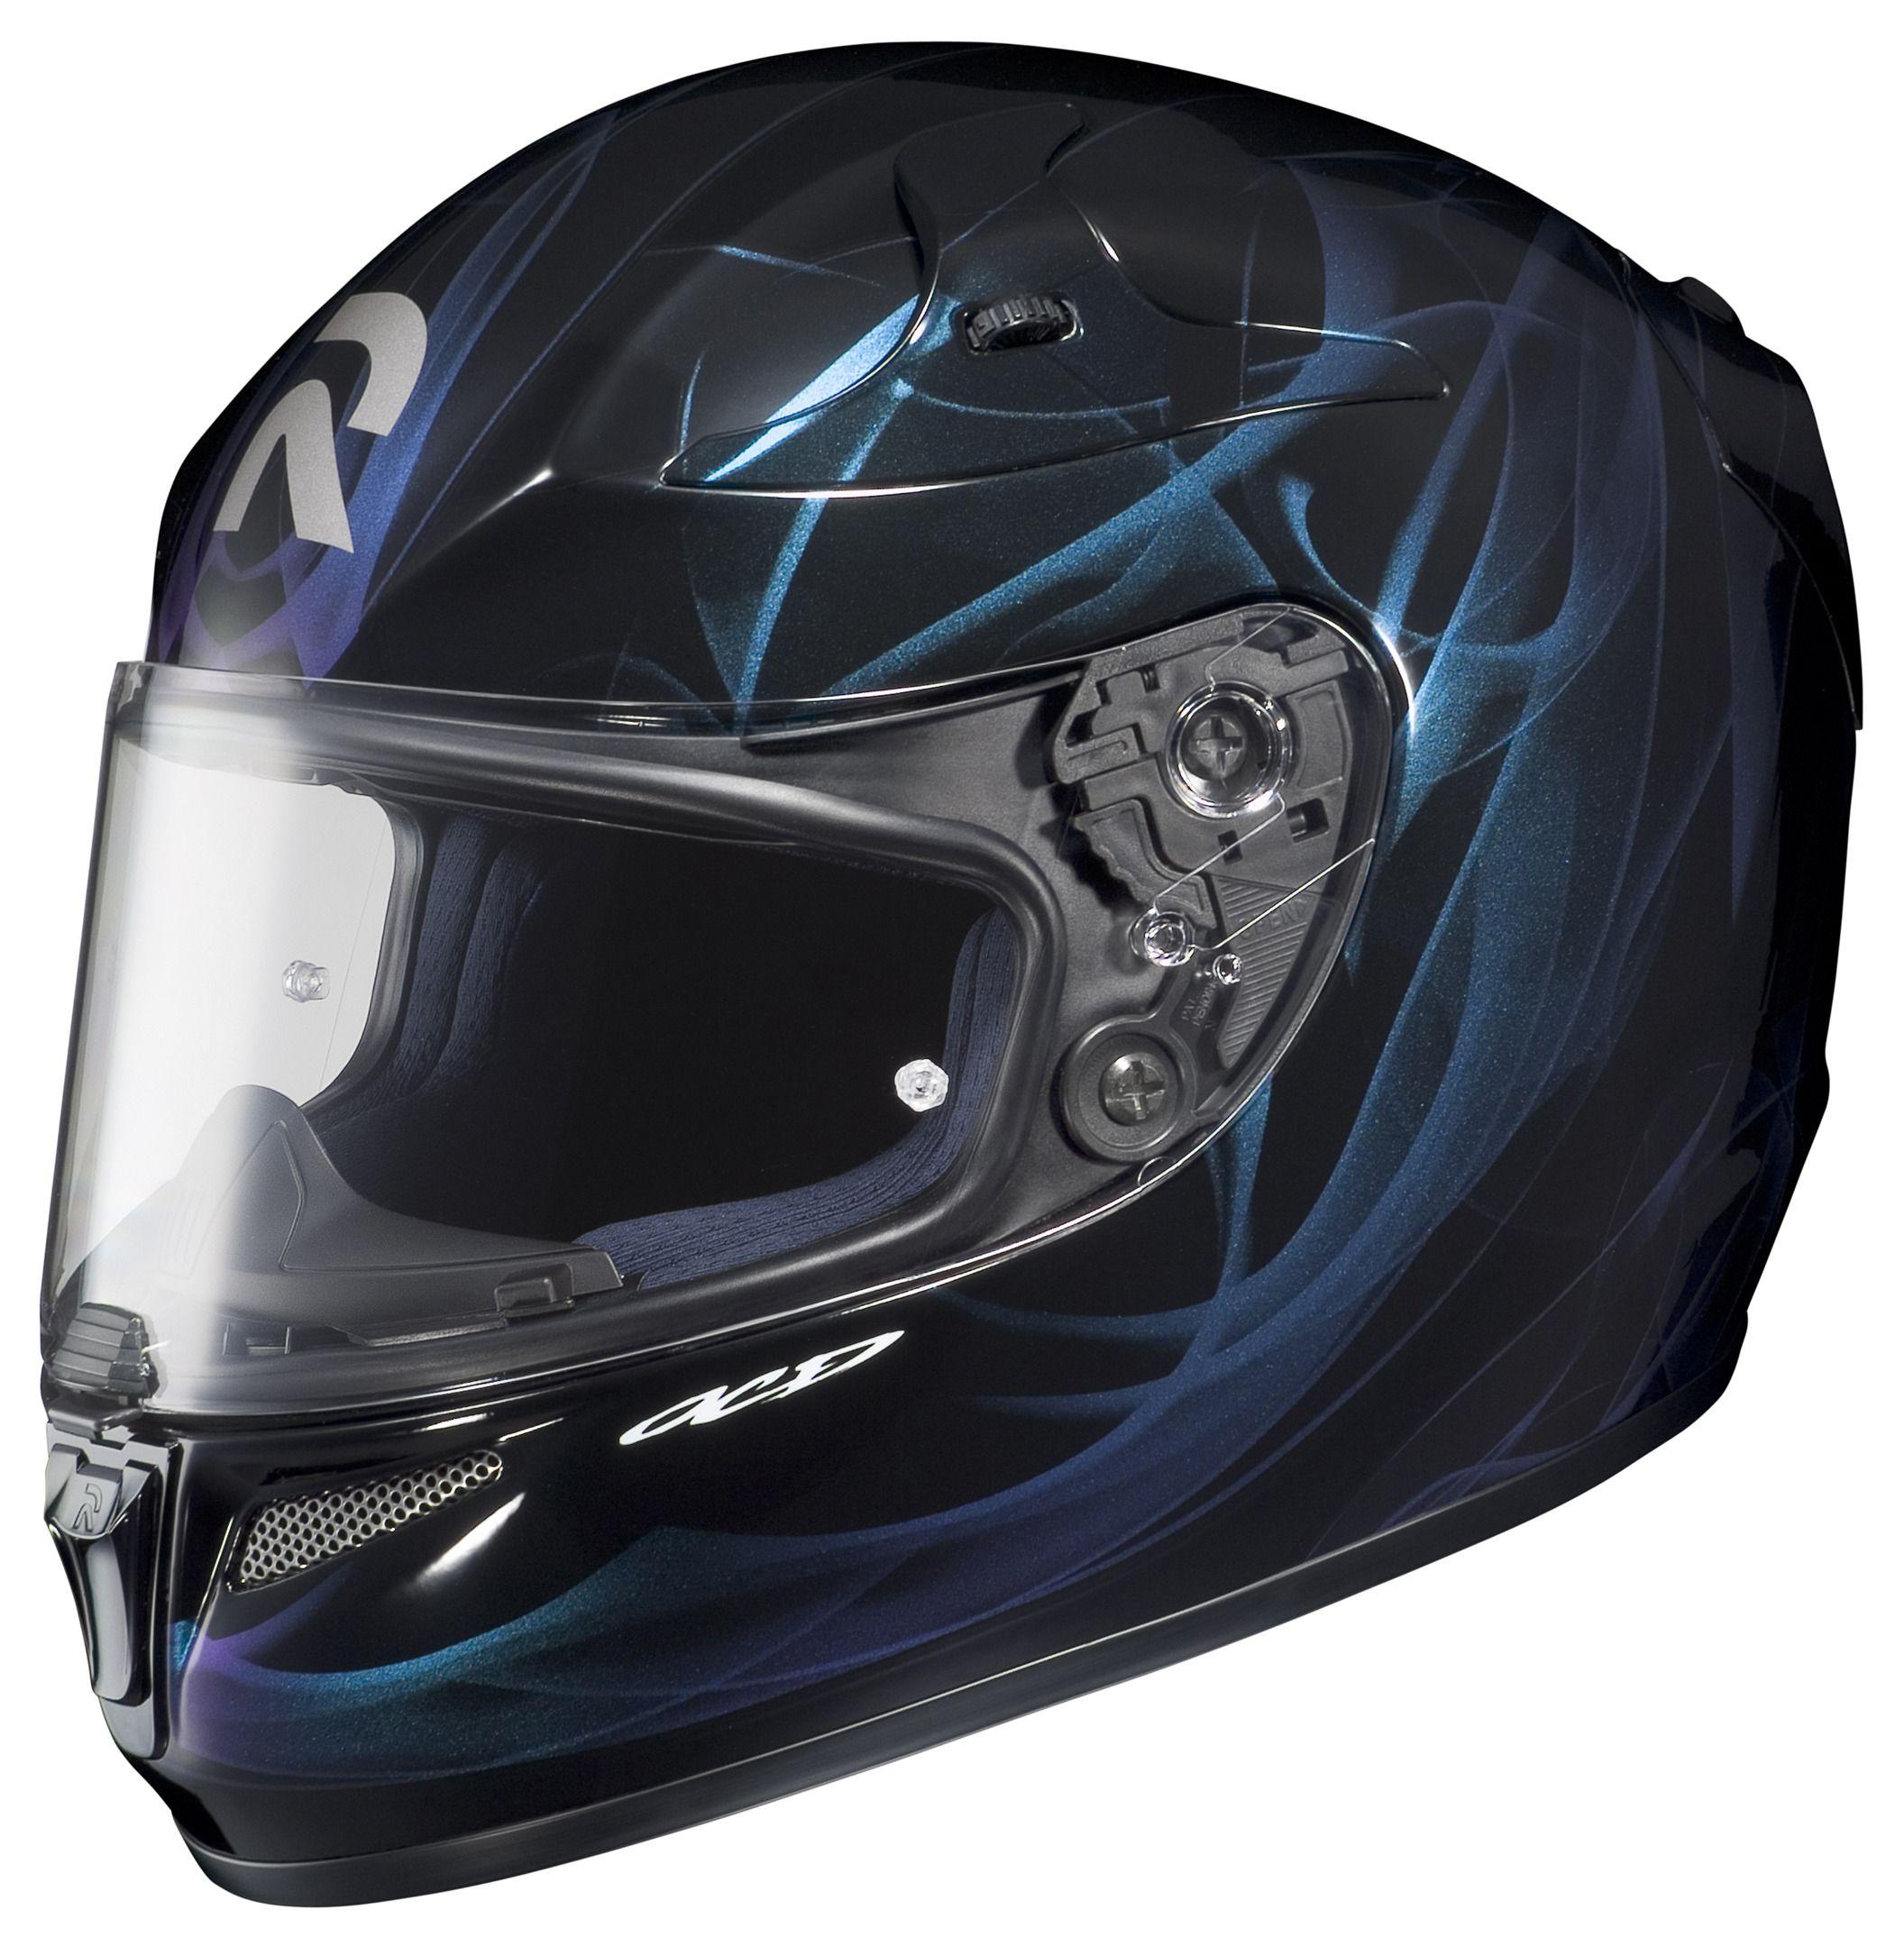 hjc rpha 10 combust helmet size lg only revzilla. Black Bedroom Furniture Sets. Home Design Ideas